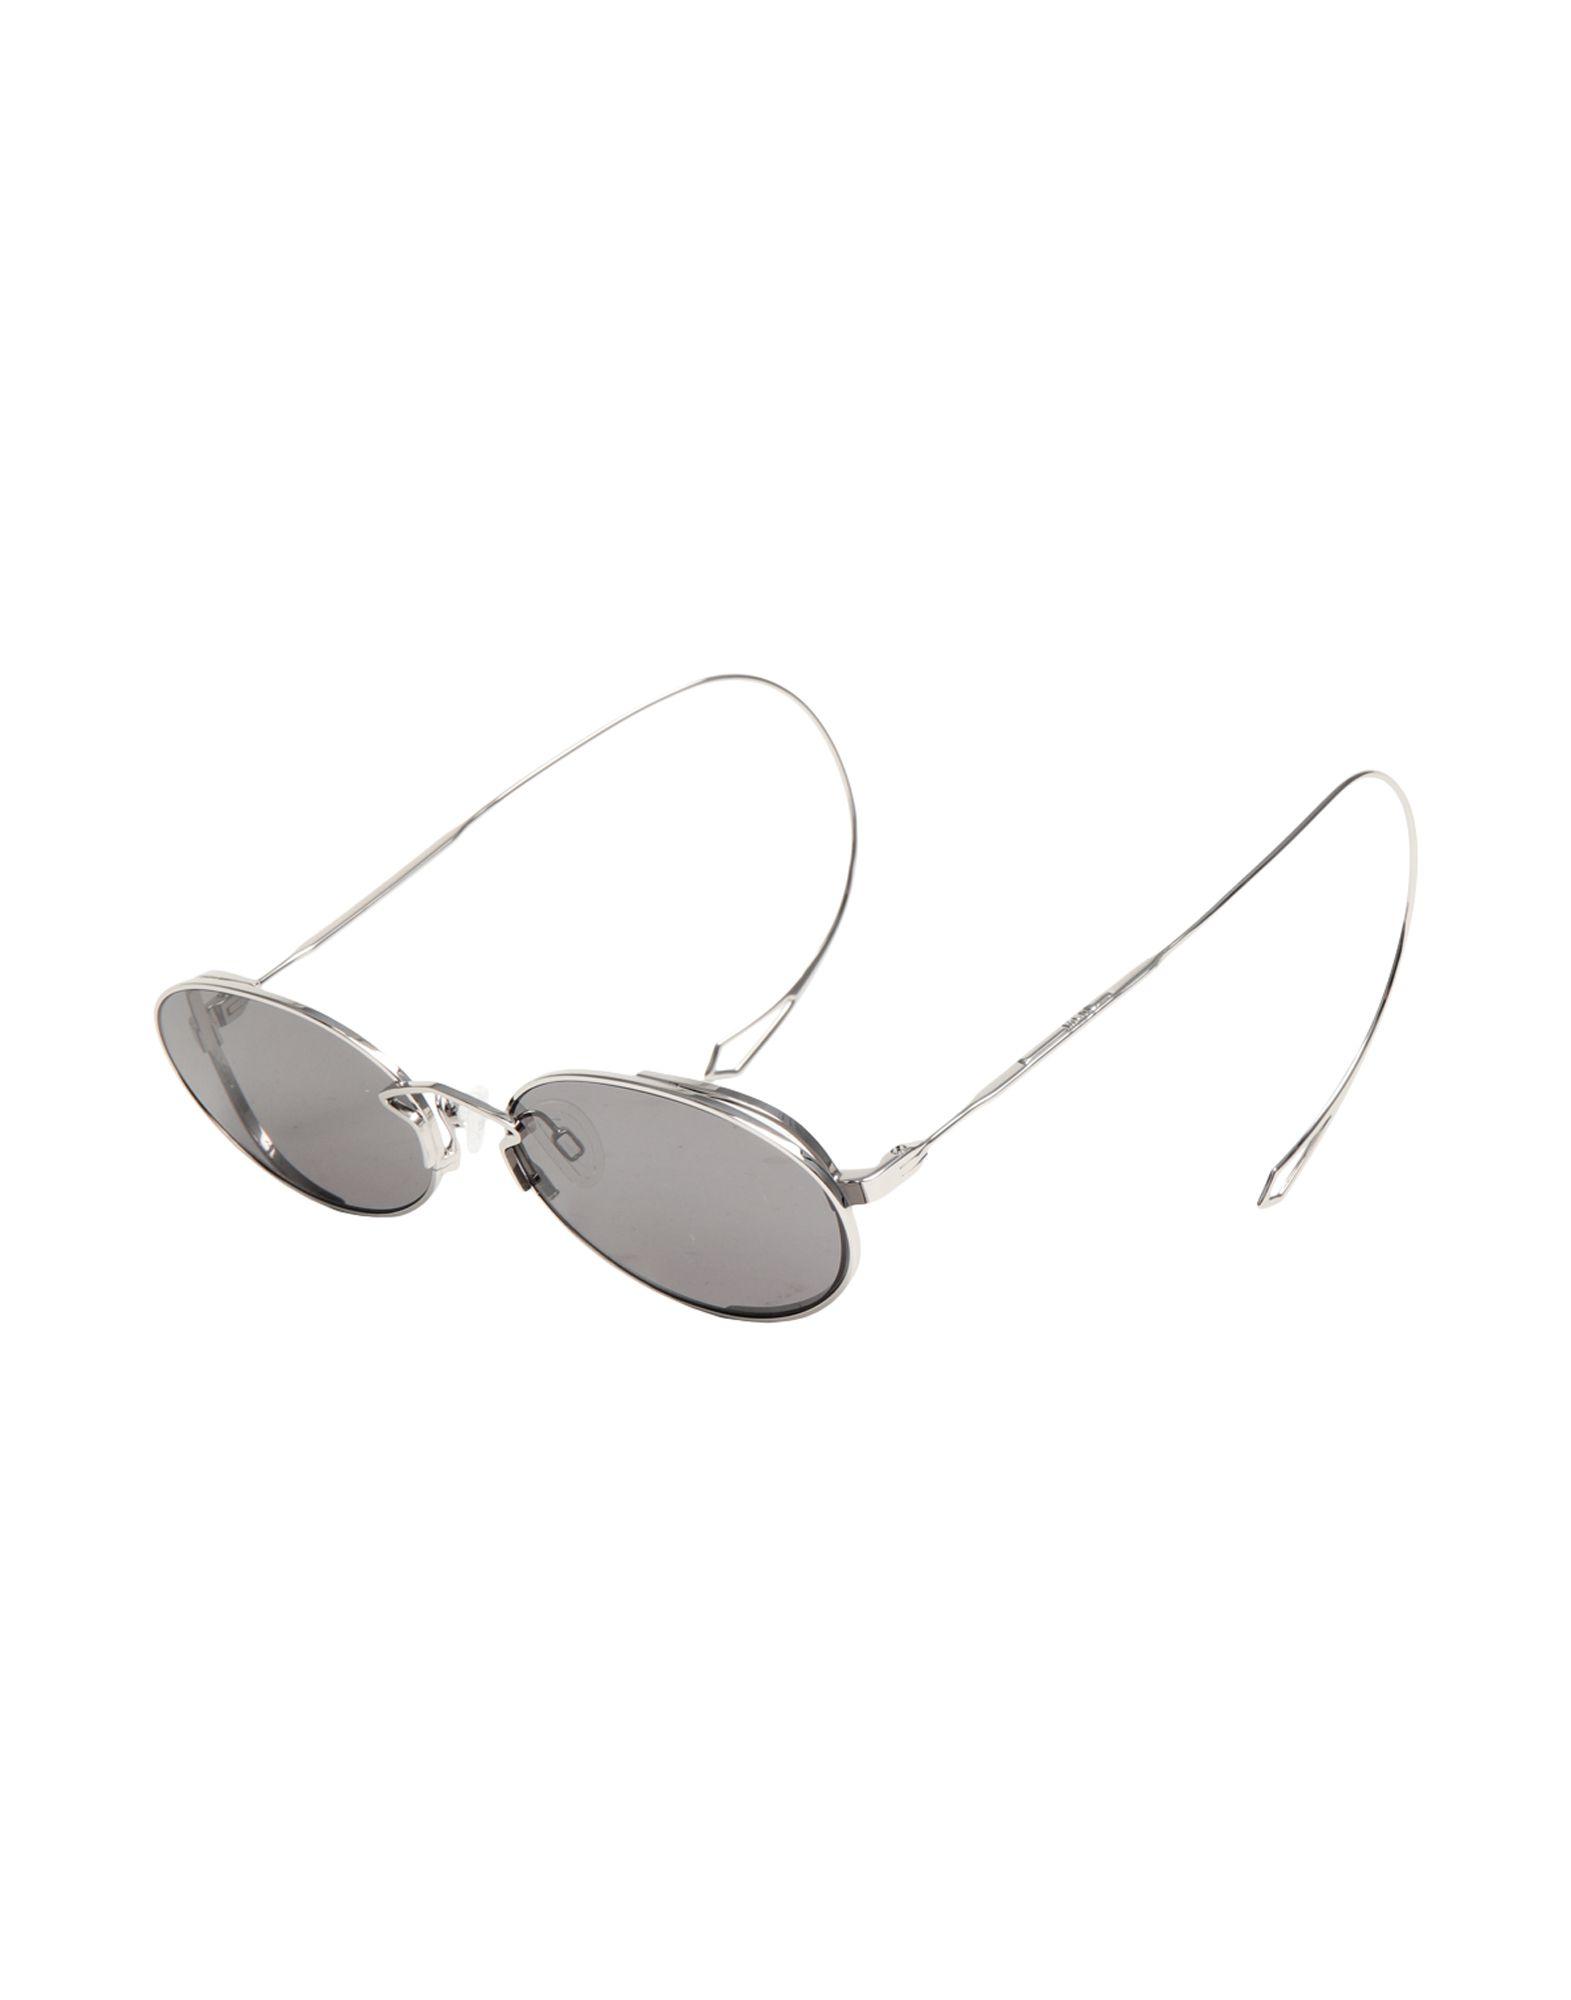 цена McQ Alexander McQueen Солнечные очки онлайн в 2017 году